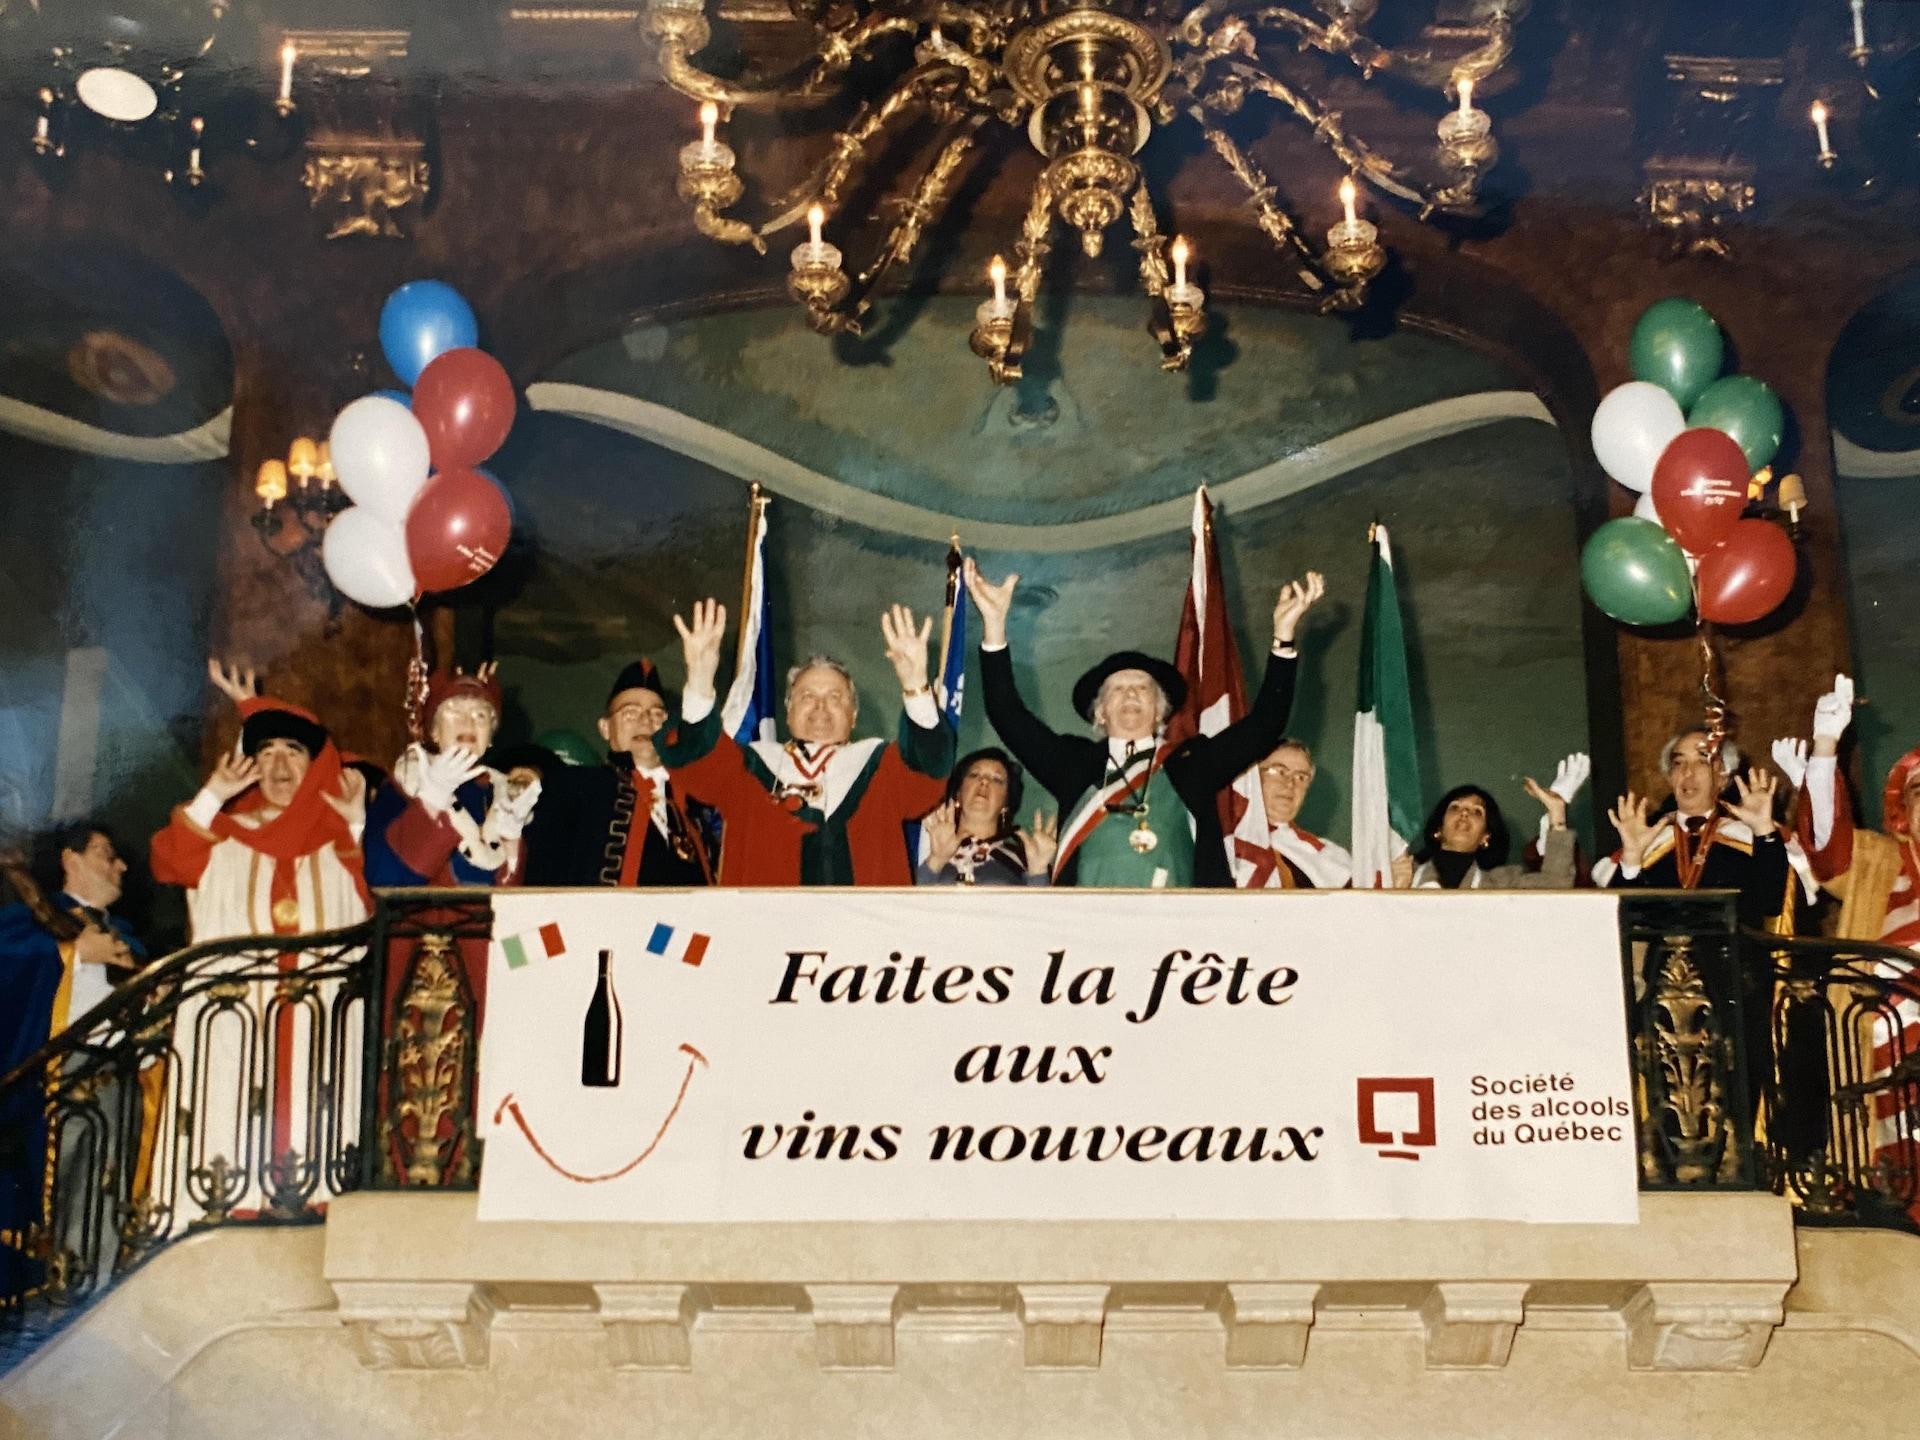 Des gens en costume célèbrent l'arrivée du vin nouveau au Château Frontenac, avec ballons et banderole, dans les années 1980.